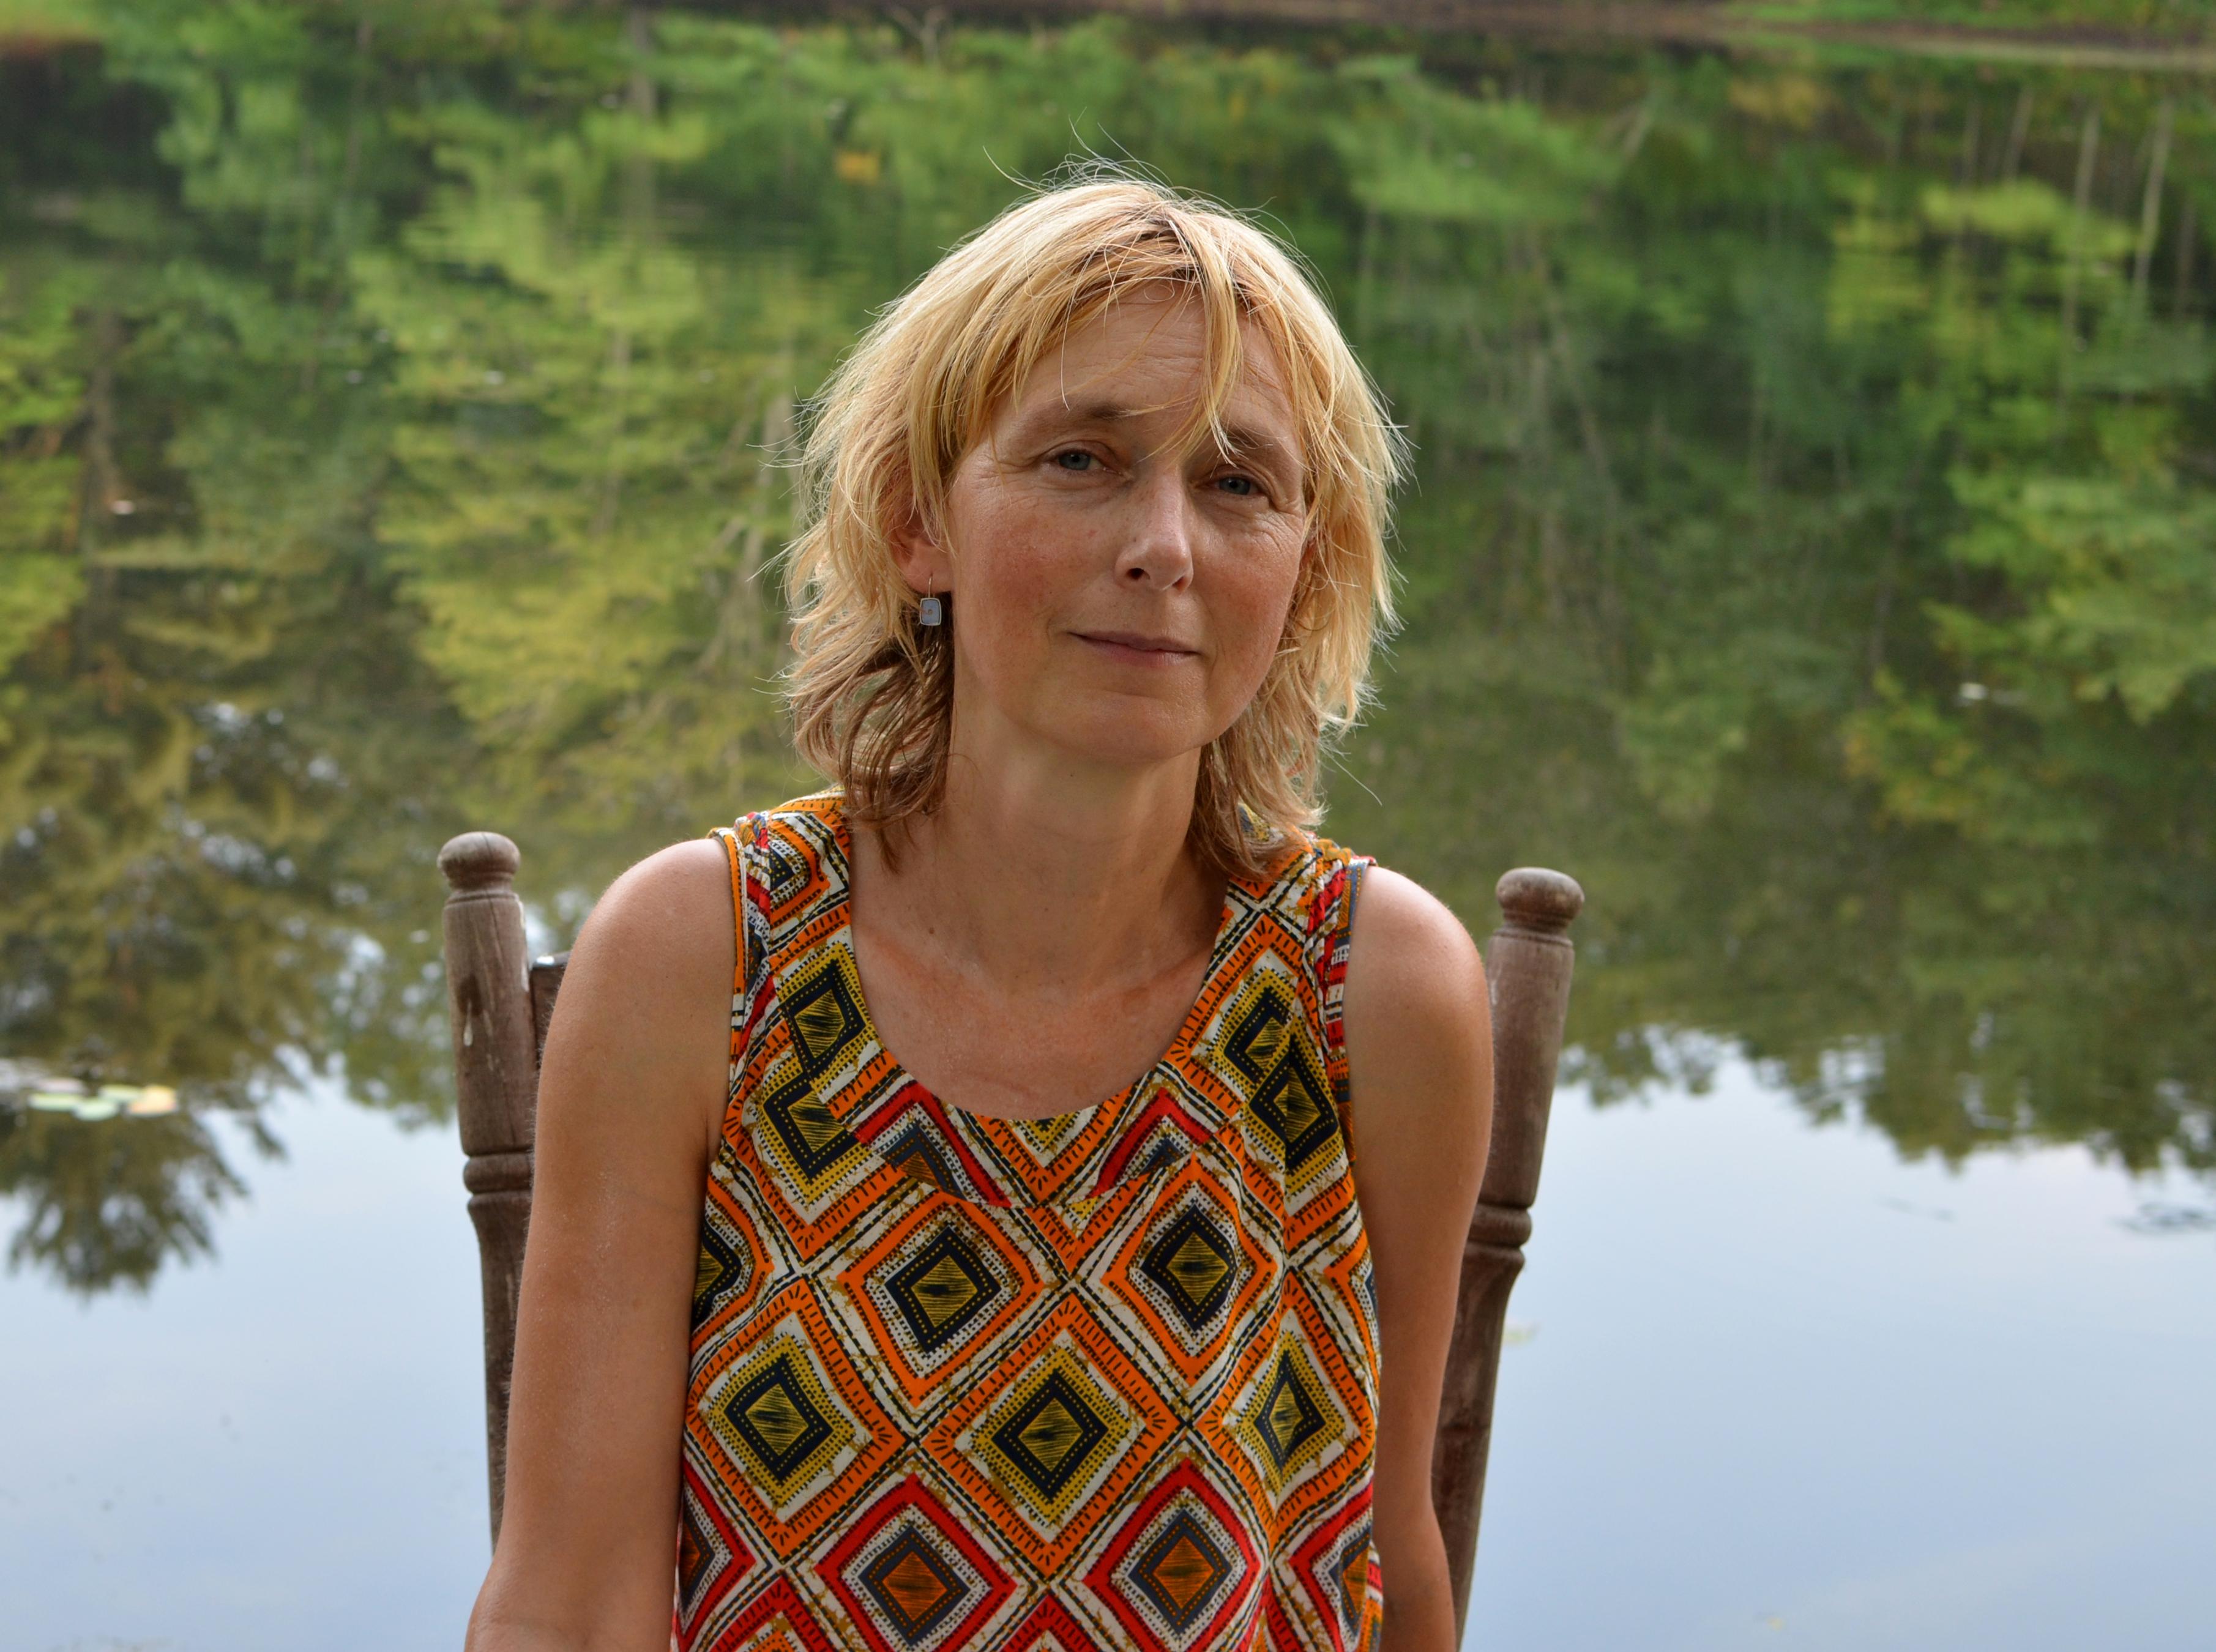 Karin-portrait